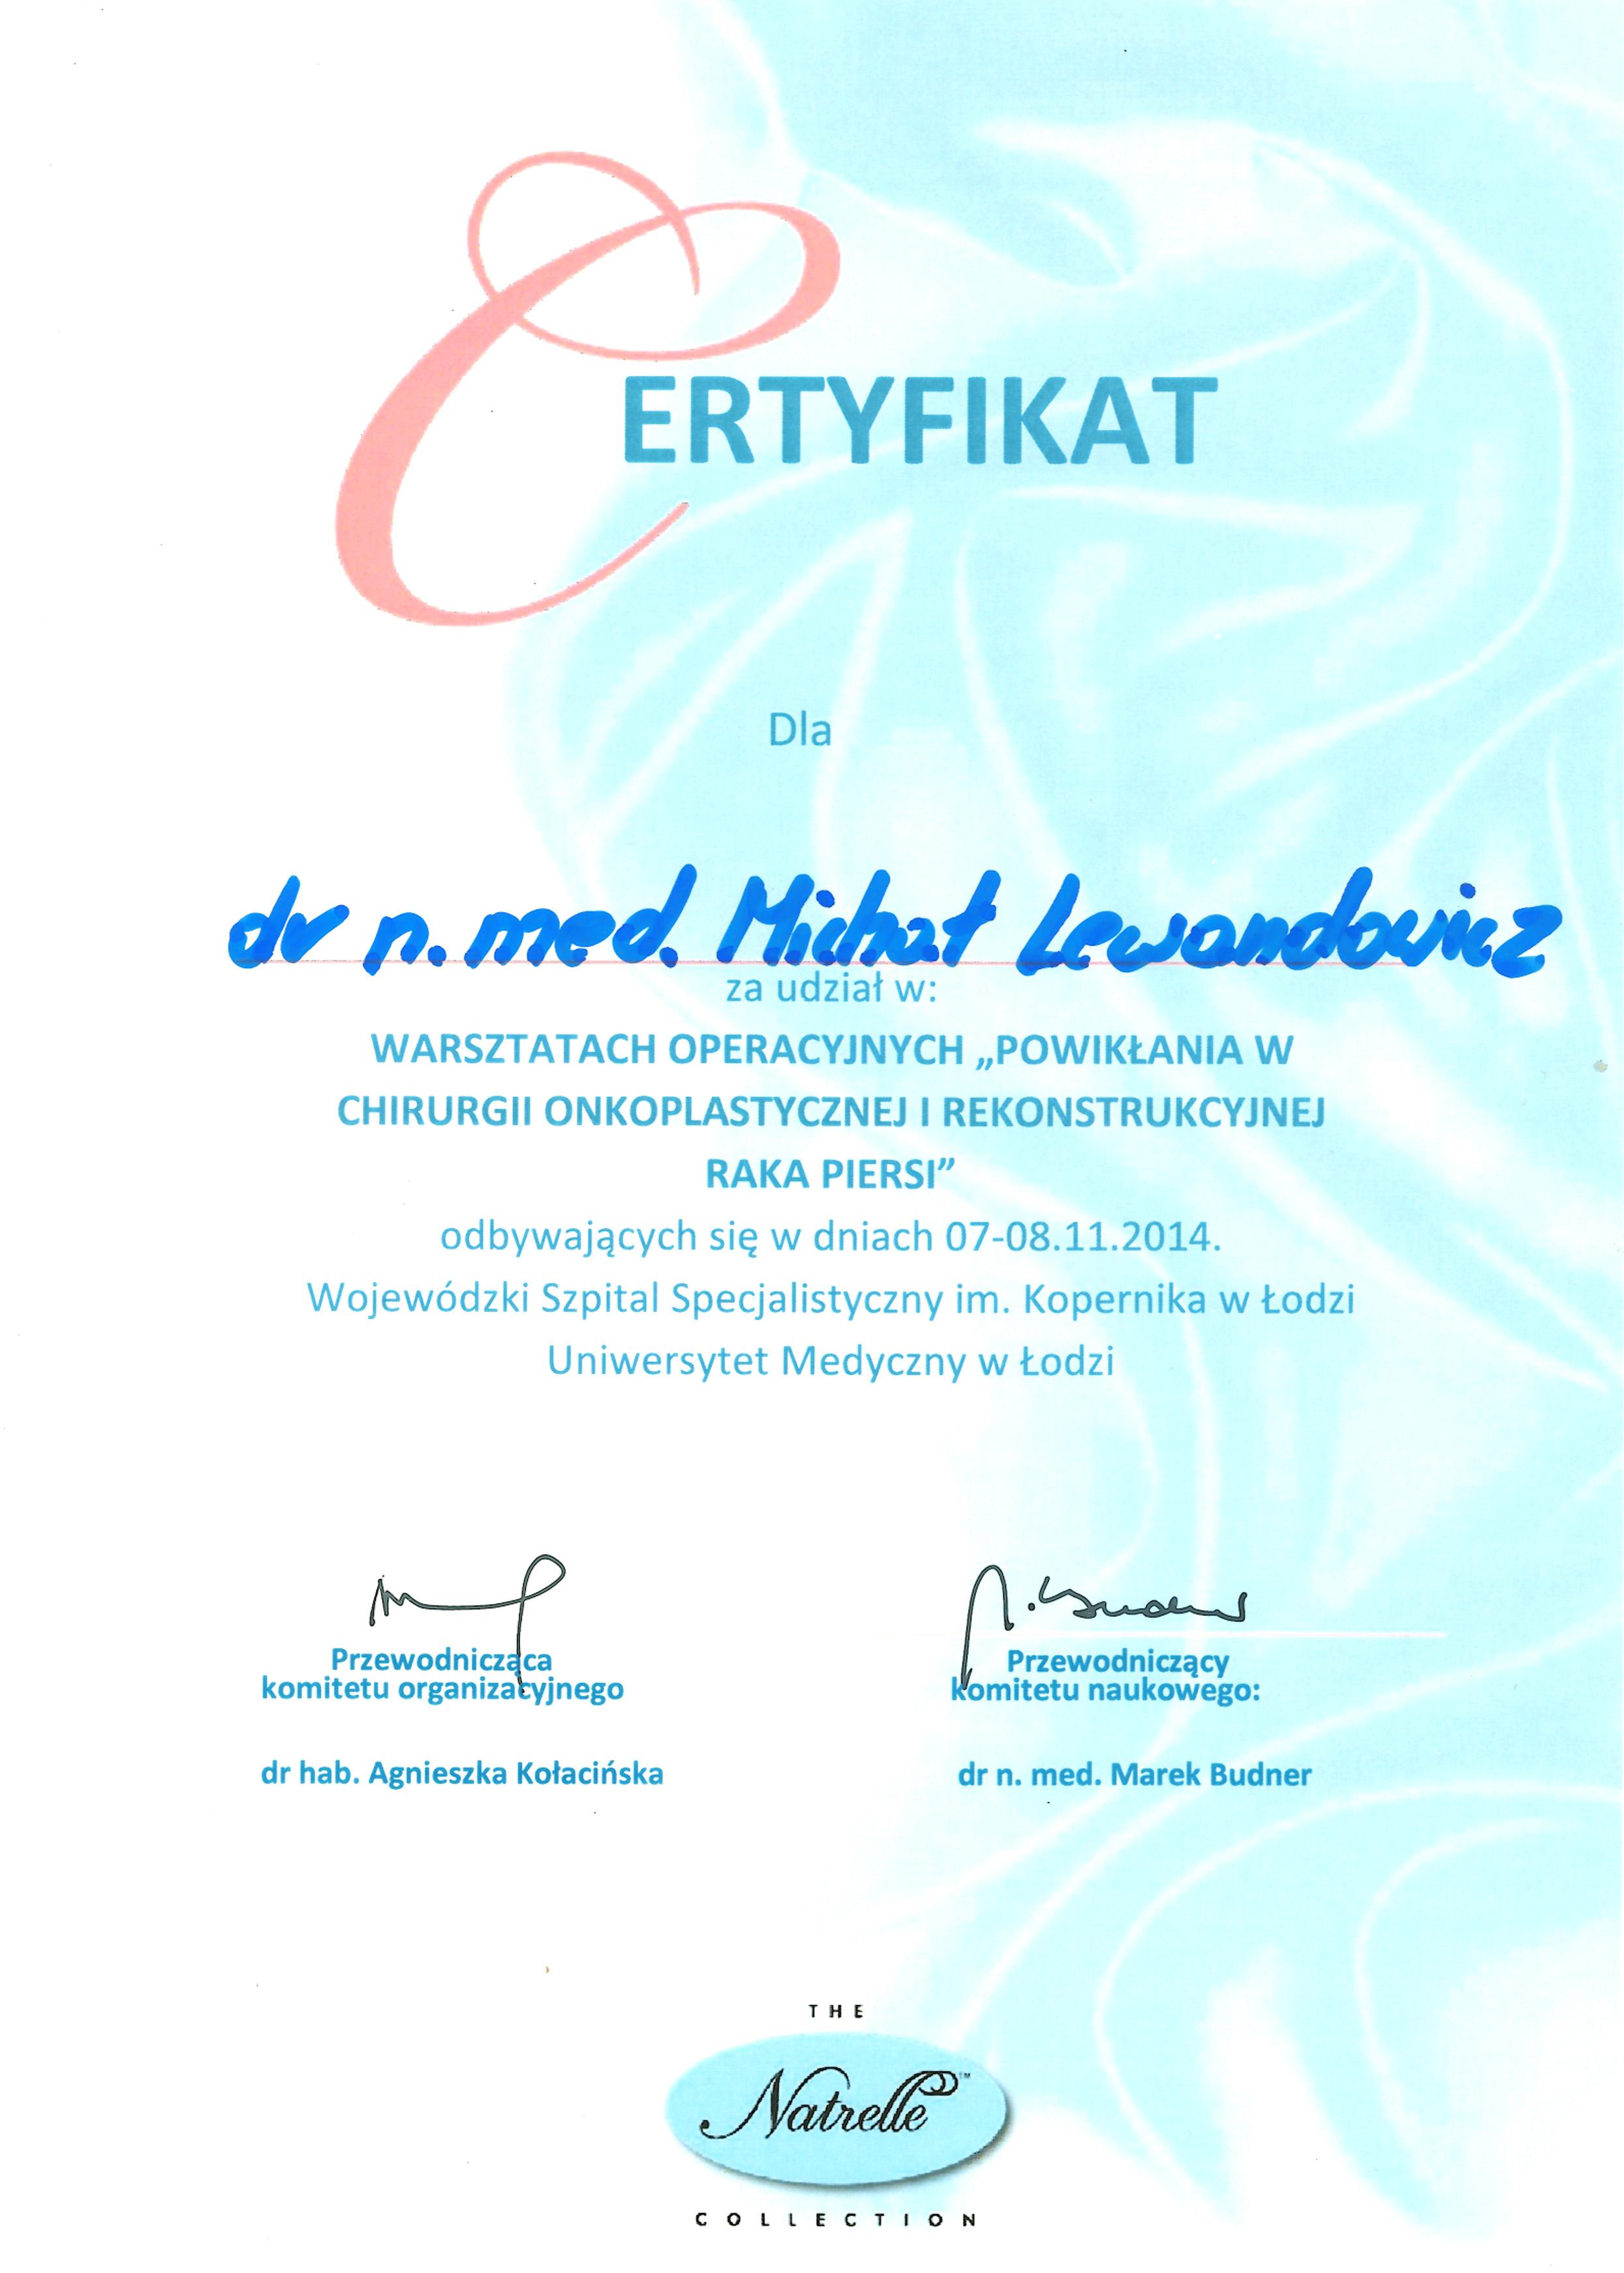 Cert Onkoplast 2014 - dr n. med. Michał Lewandowicz